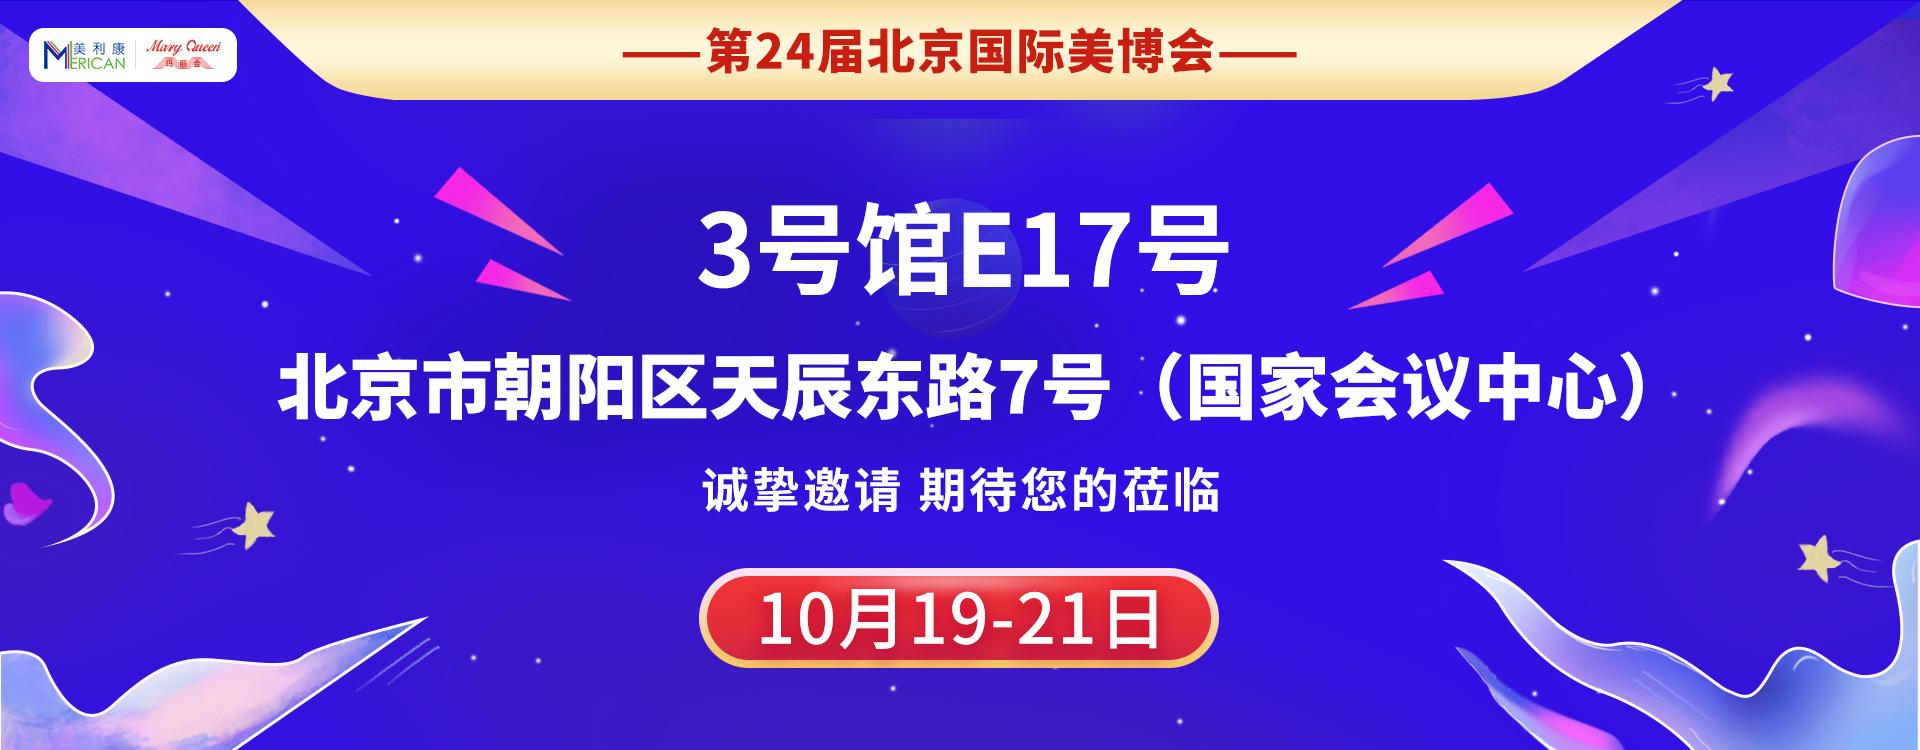 北京美博会